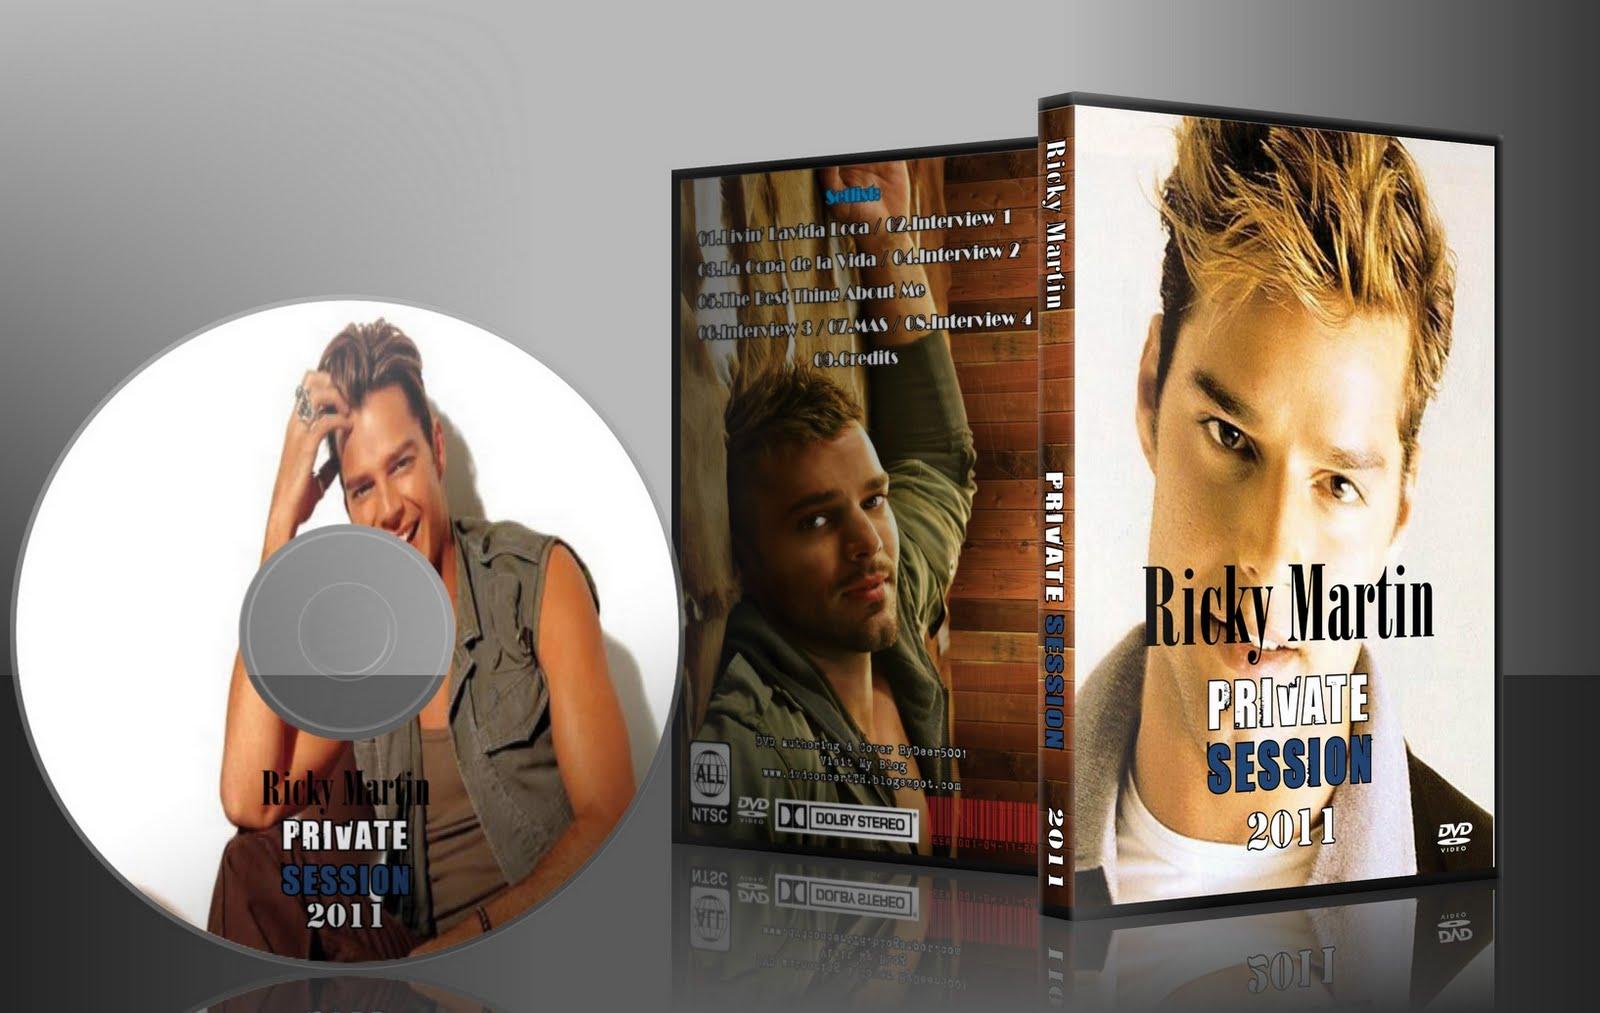 http://3.bp.blogspot.com/-3eWJHb9k0xk/TaWFm0IQL-I/AAAAAAAACfA/jQJFfP7b_b0/s1600/DVD+For+Show+-+Ricky+Martin+-+Private+Sessions+-+02-13-2011.jpg